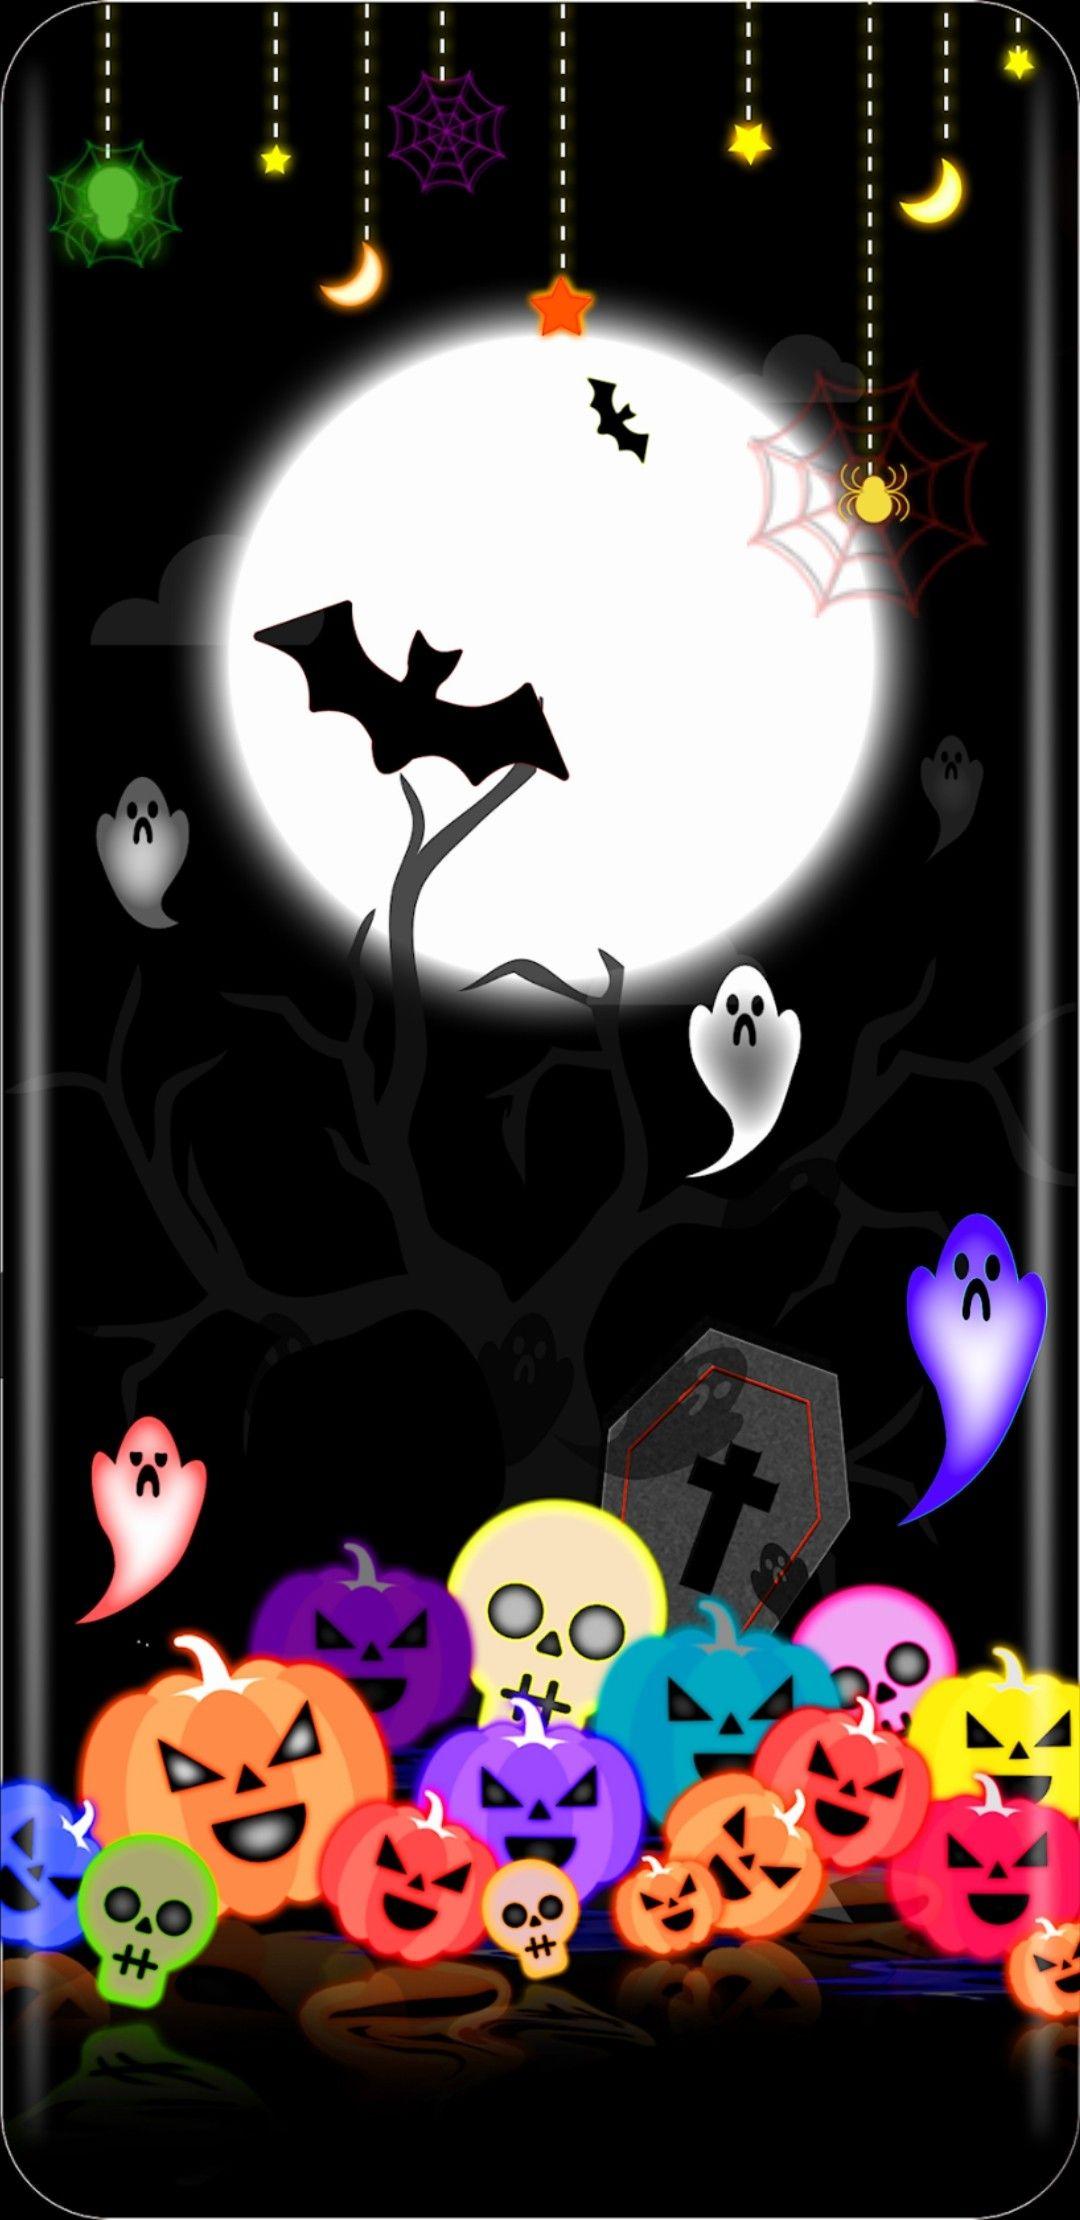 Halloween Wallpaper Fondos De Halloween Pantallas De Halloween Fondo De Pantalla Halloween